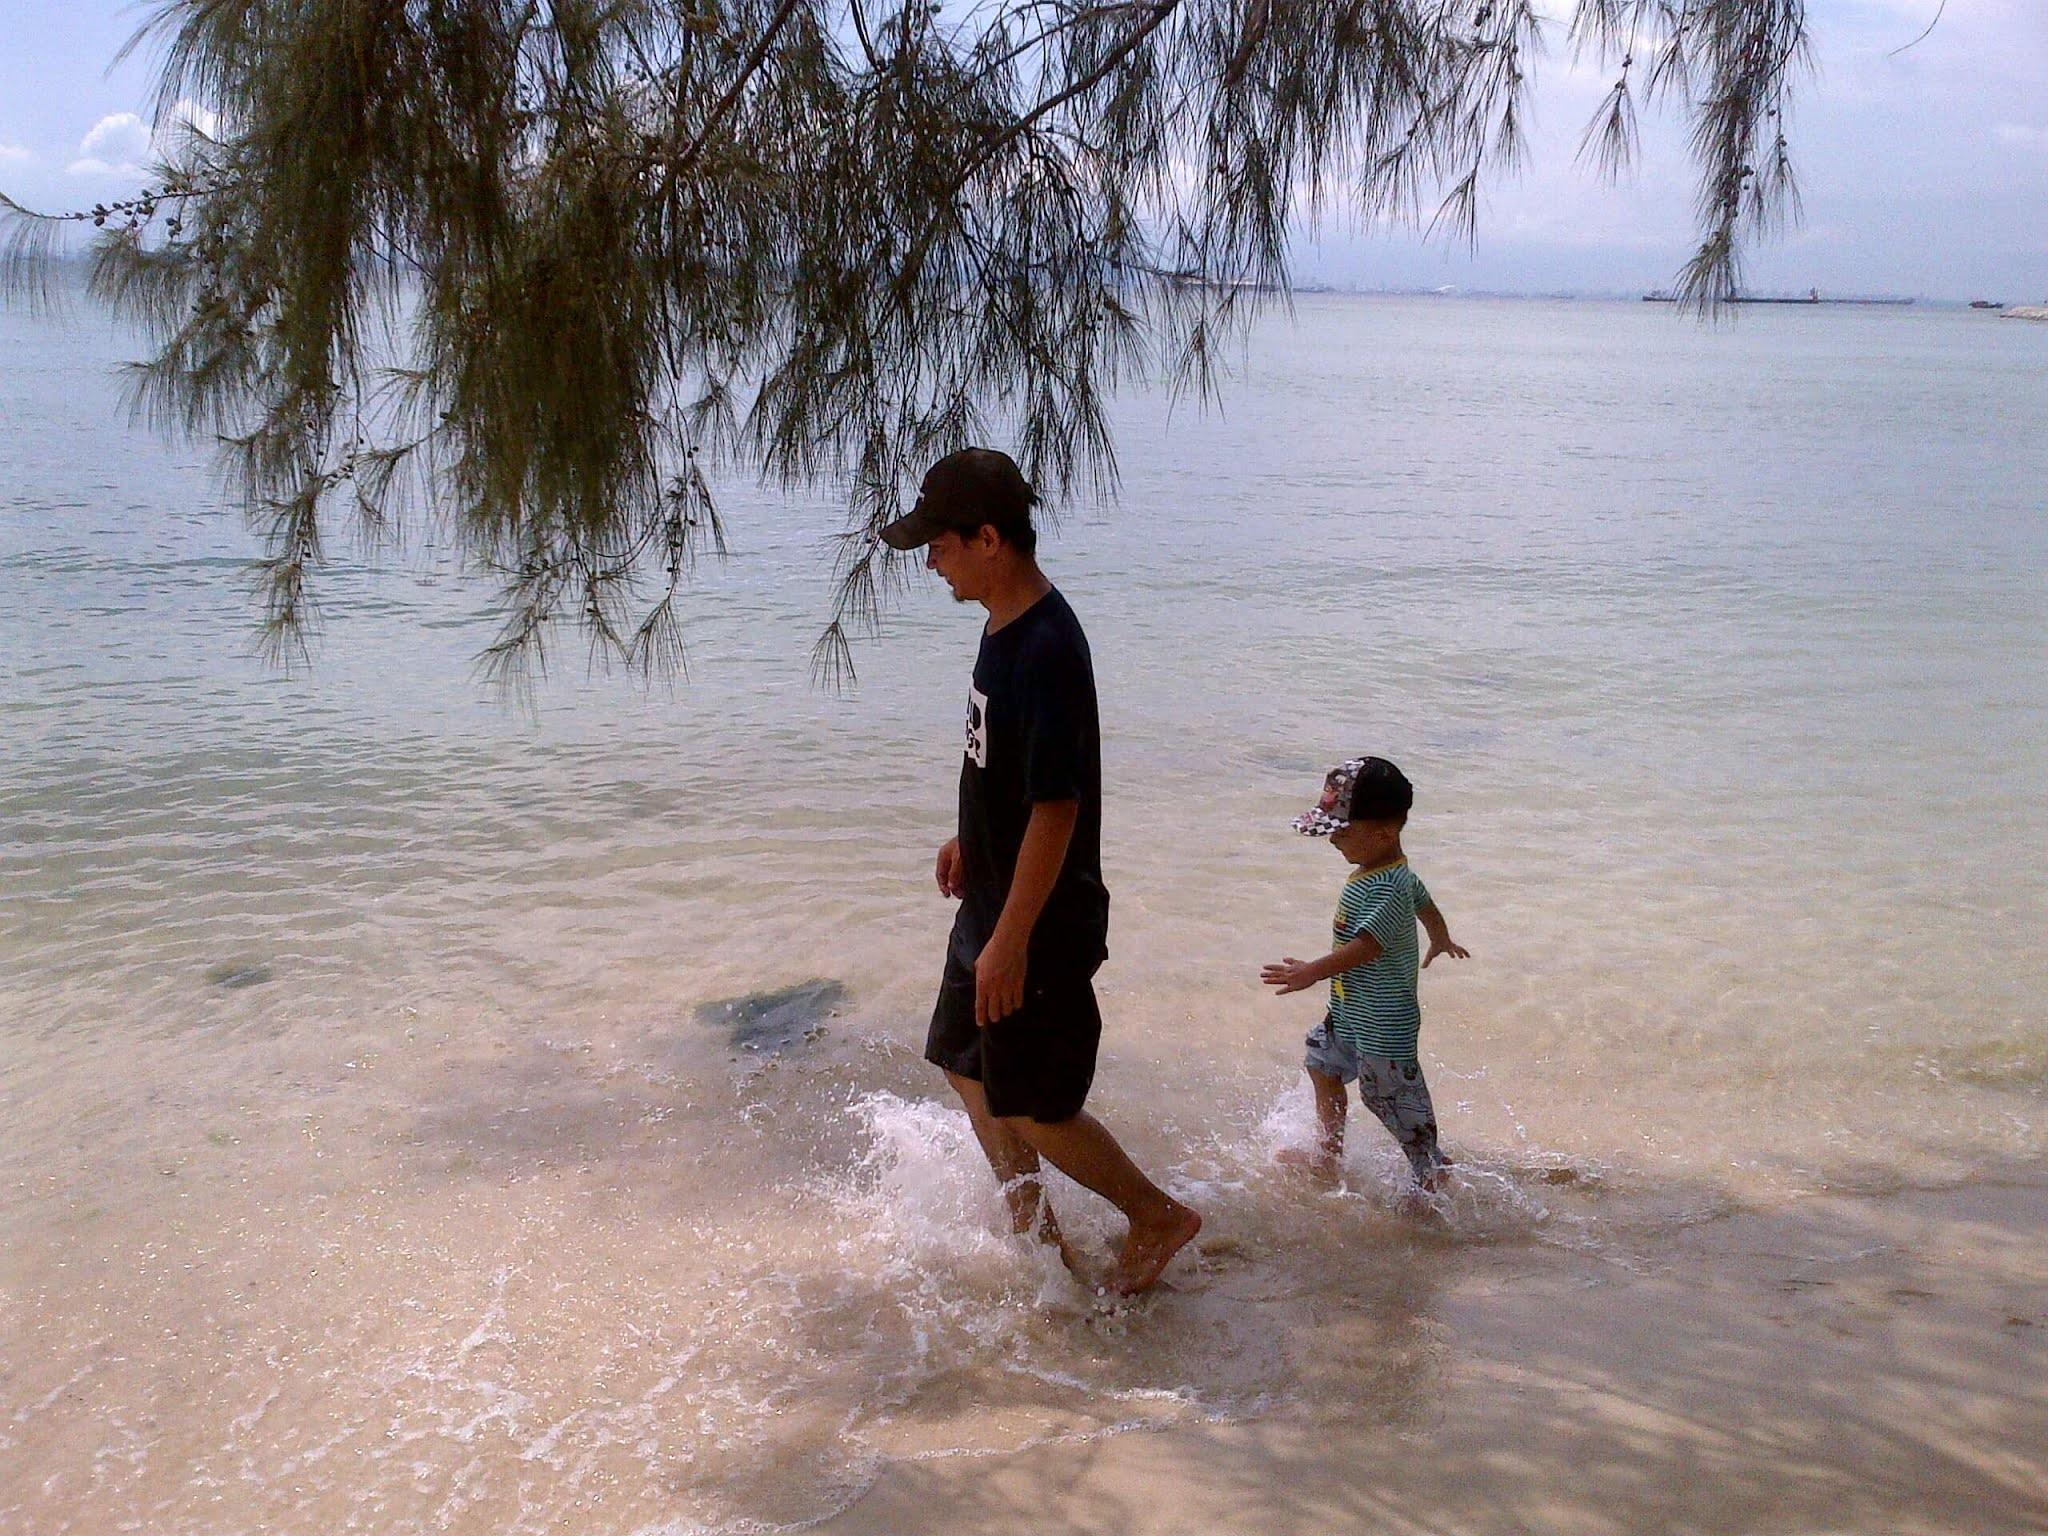 Pantai Indah, Pulau Lengkana Belakang Padang 7